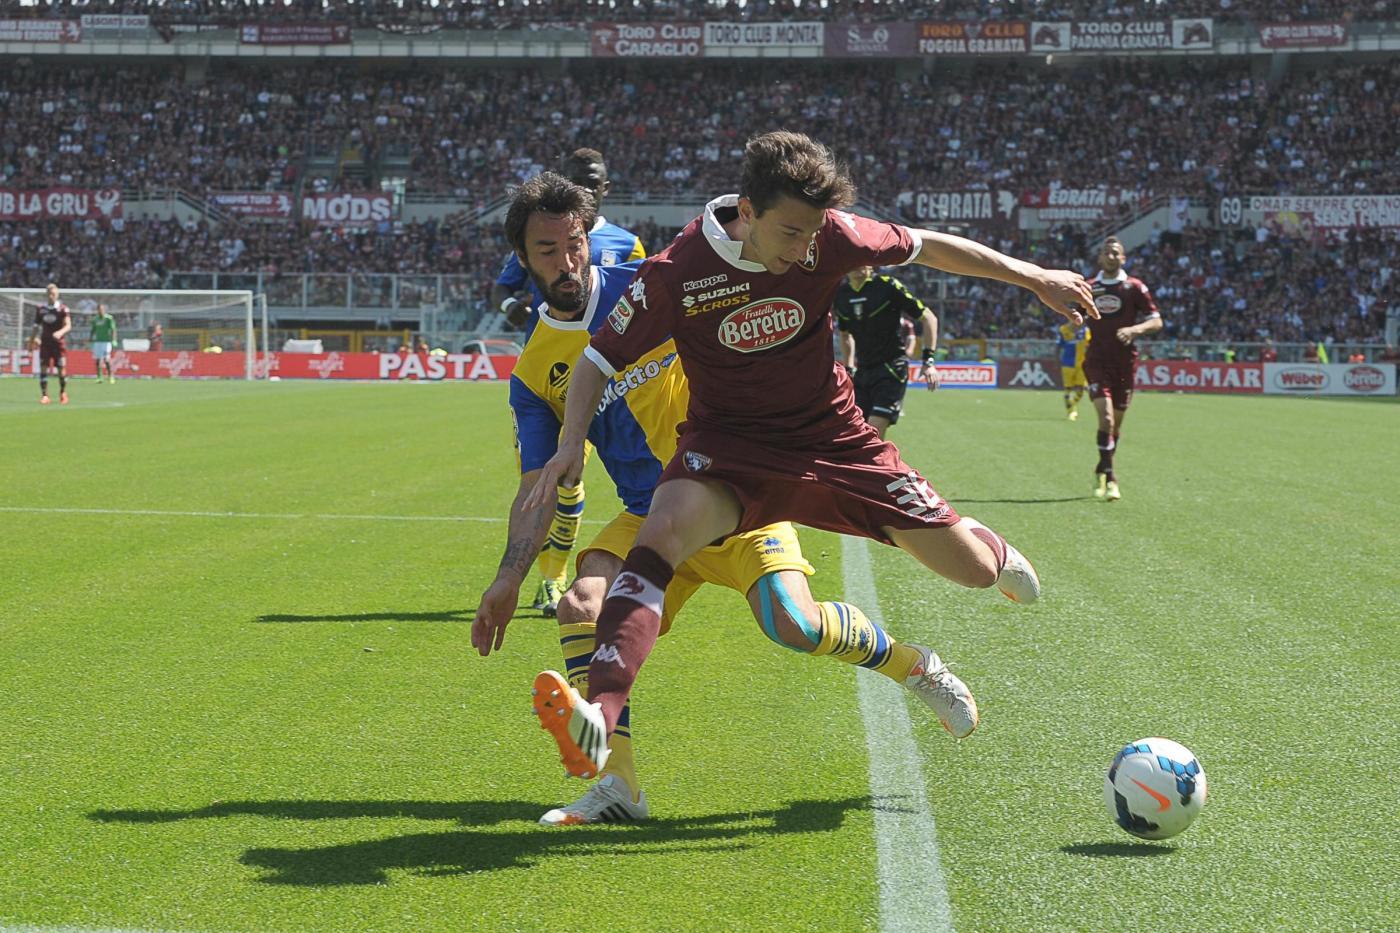 Pagelle Serie A 2013/14: i voti della 37esima giornata